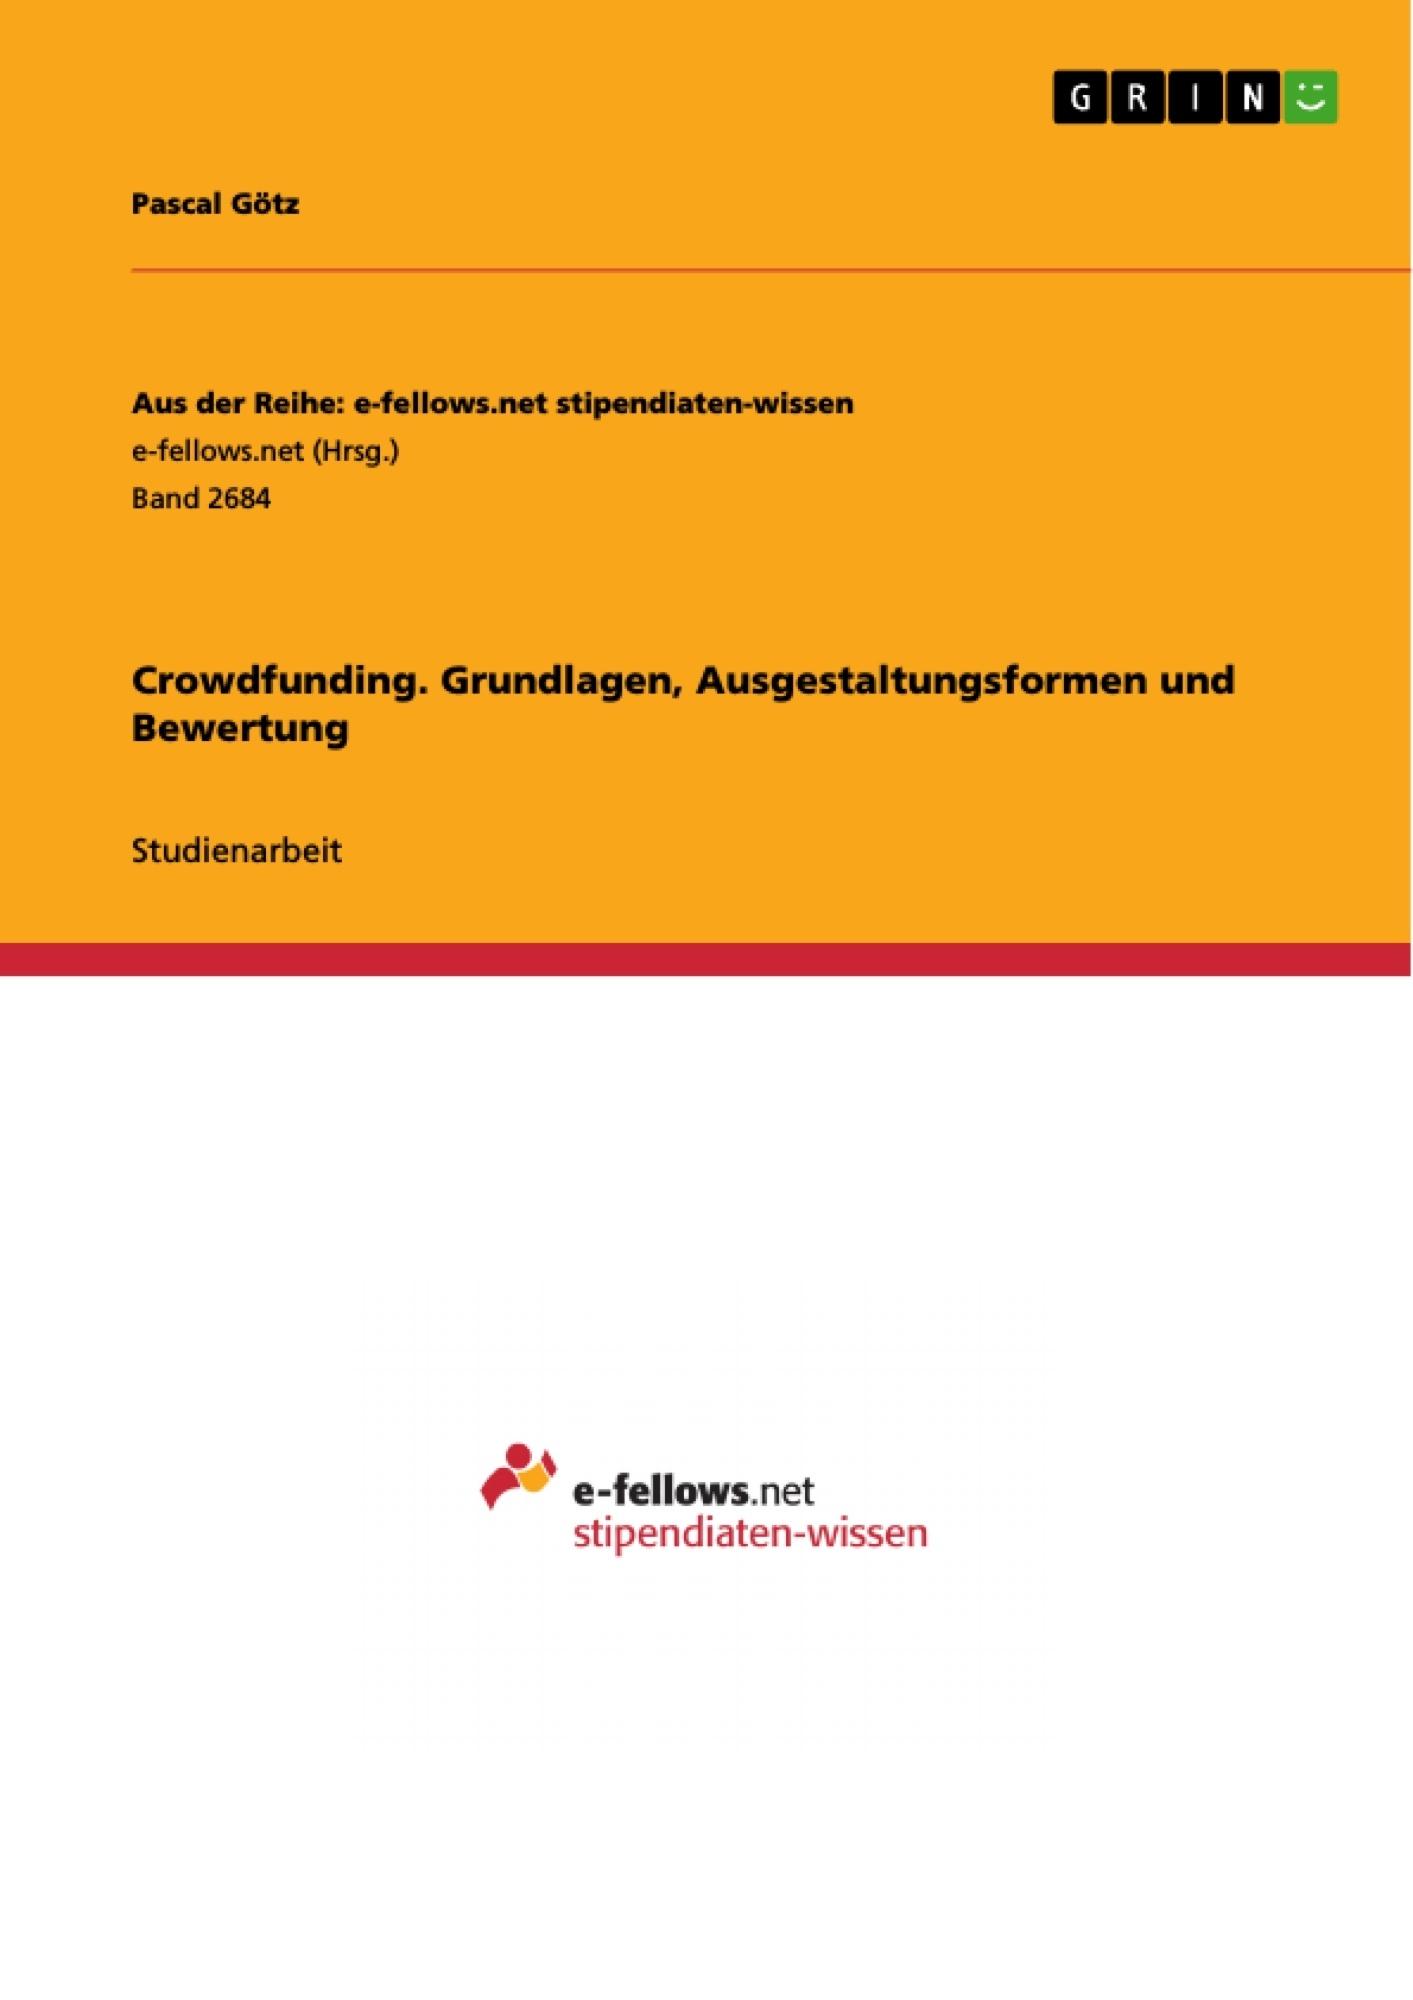 Titel: Crowdfunding. Grundlagen, Ausgestaltungsformen und Bewertung